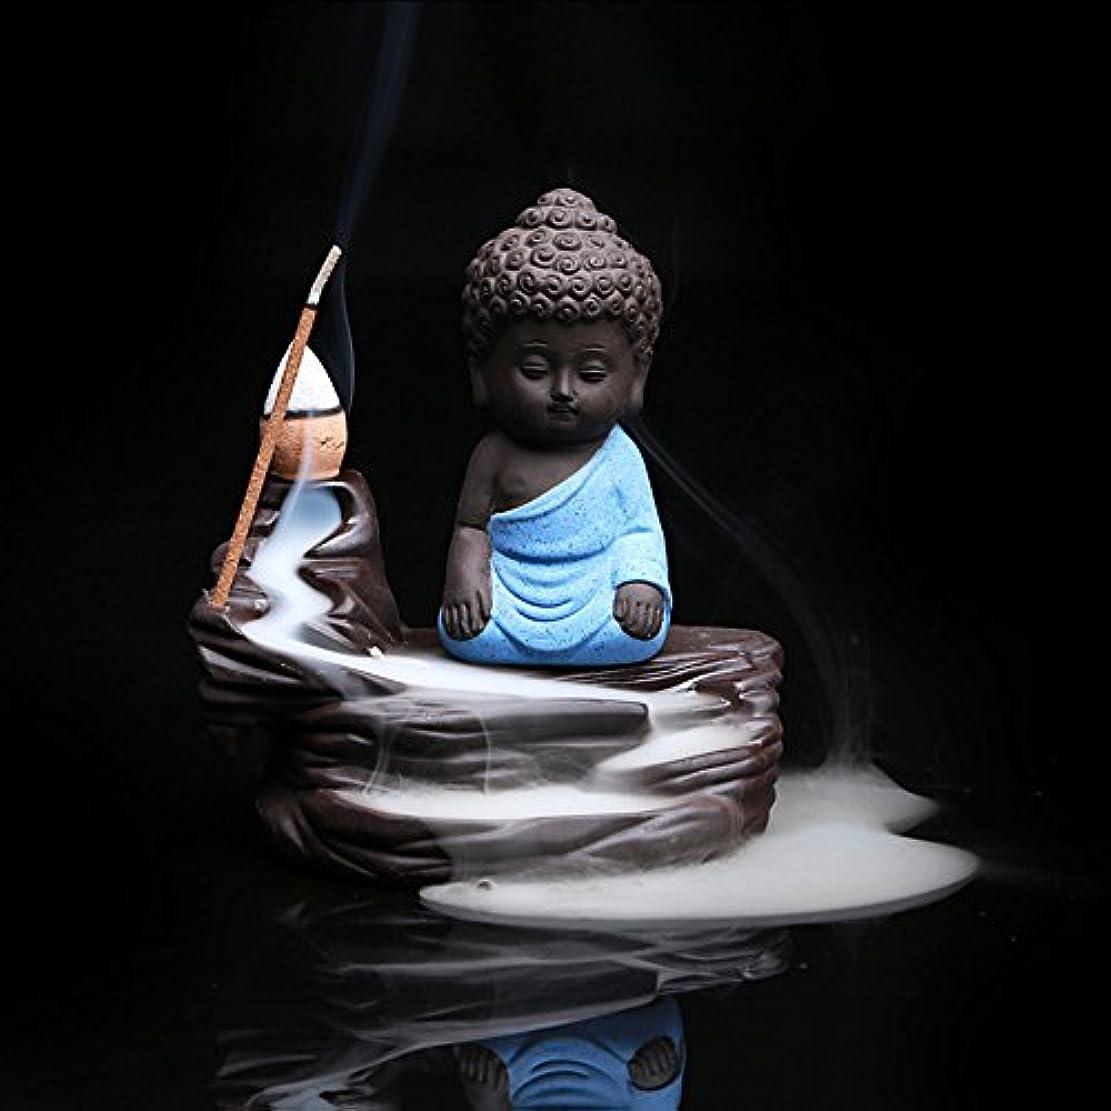 首謀者おかしい結晶Zehuiホームデコレーションクリエイティブ逆流香炉コーンスティックホルダーSmall Buddhaセラミック香炉ホーム装飾 ブルー mhy-ZJ1204-jj125